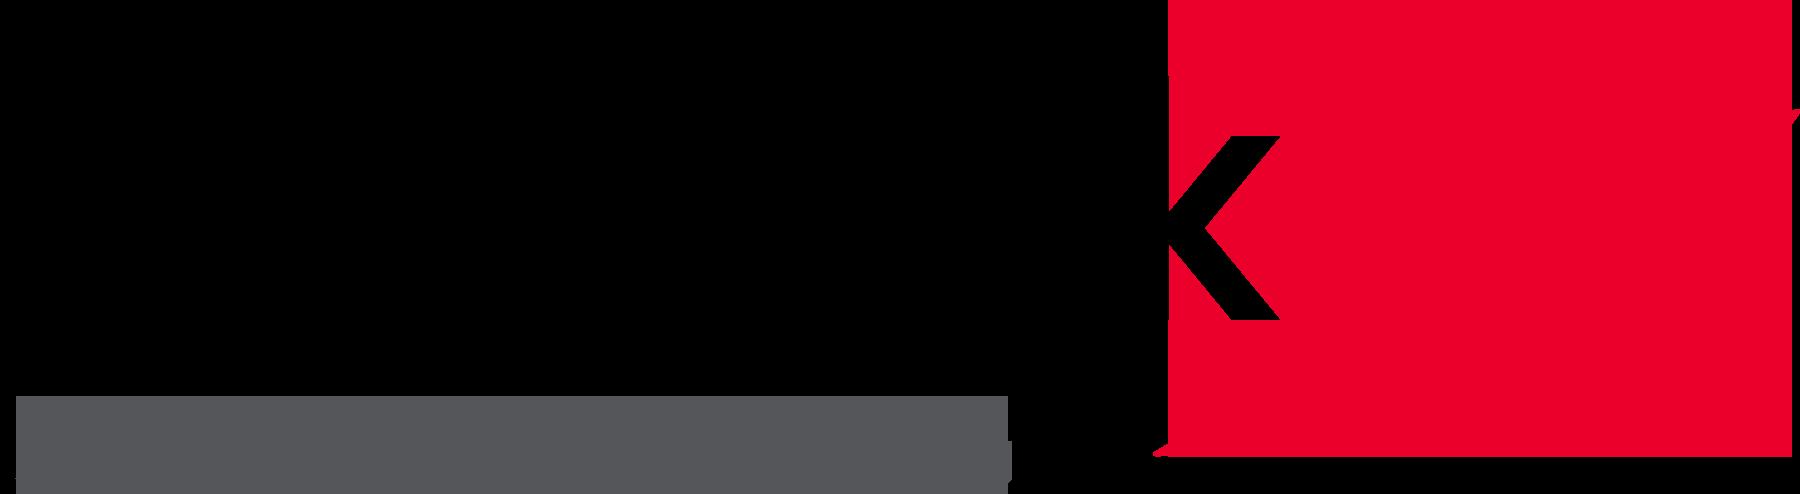 Senior Living – Aramark_H_Red and Black